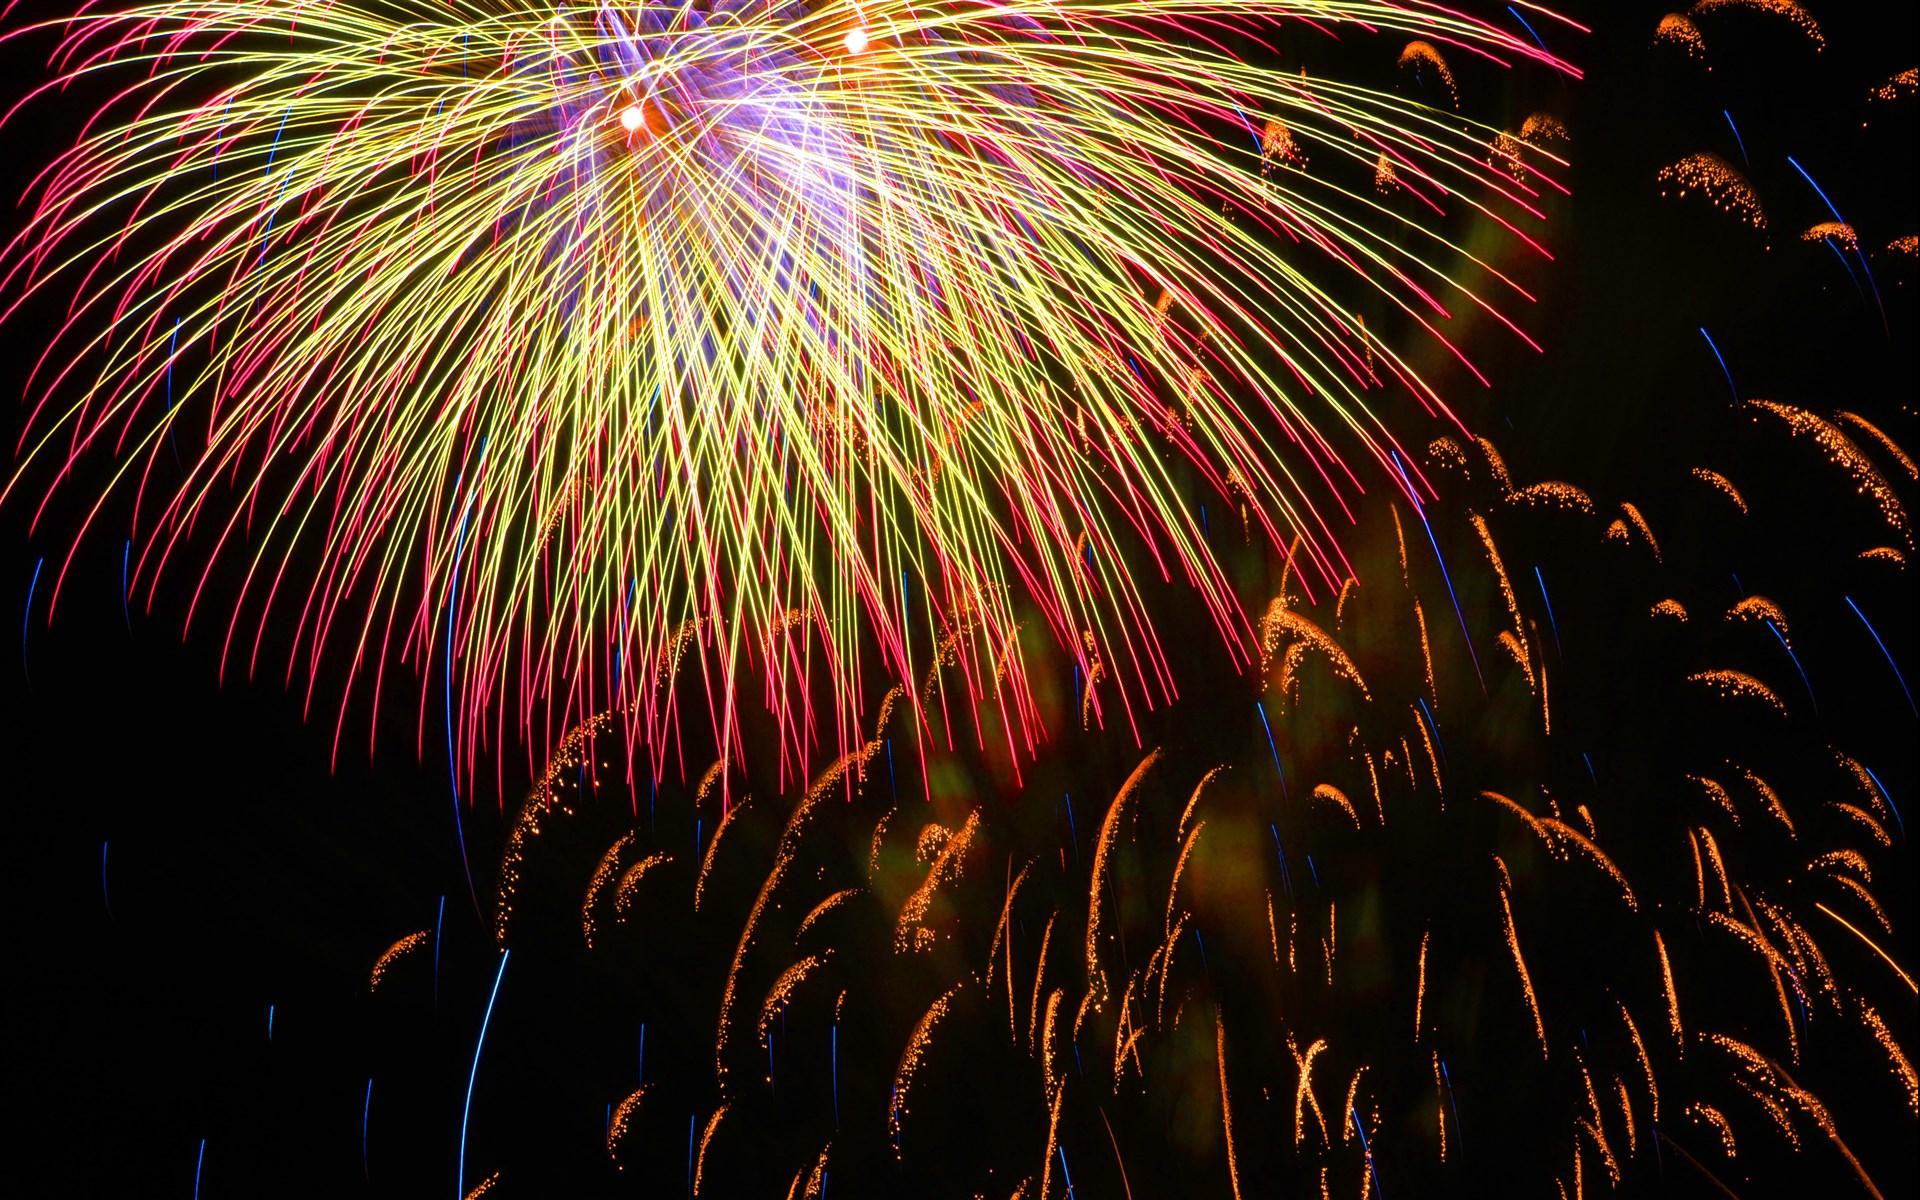 烟花新年PPT背景图片免费下载是由PPT宝藏(www.pptbz.com)会员zengmin上传推荐的节日PPT背景图片, 更新时间为2016-10-11,素材编号105490。 焰火要飞得高炸得开,效果才会好。所以,礼花弹中填充了大量用于发射以及爆炸的火药,只有这样才能达到好的表演效果。例如,一个直径为20厘米的礼花弹在发射后,要上升到大概200米的高空才会爆炸开来,让我们欣赏到五颜六色的星星点点。而这些星星点点覆盖的半径大约可以有80米左右。 不要小看这些星星点点,它们的温度可不低。在发光发亮时,它们